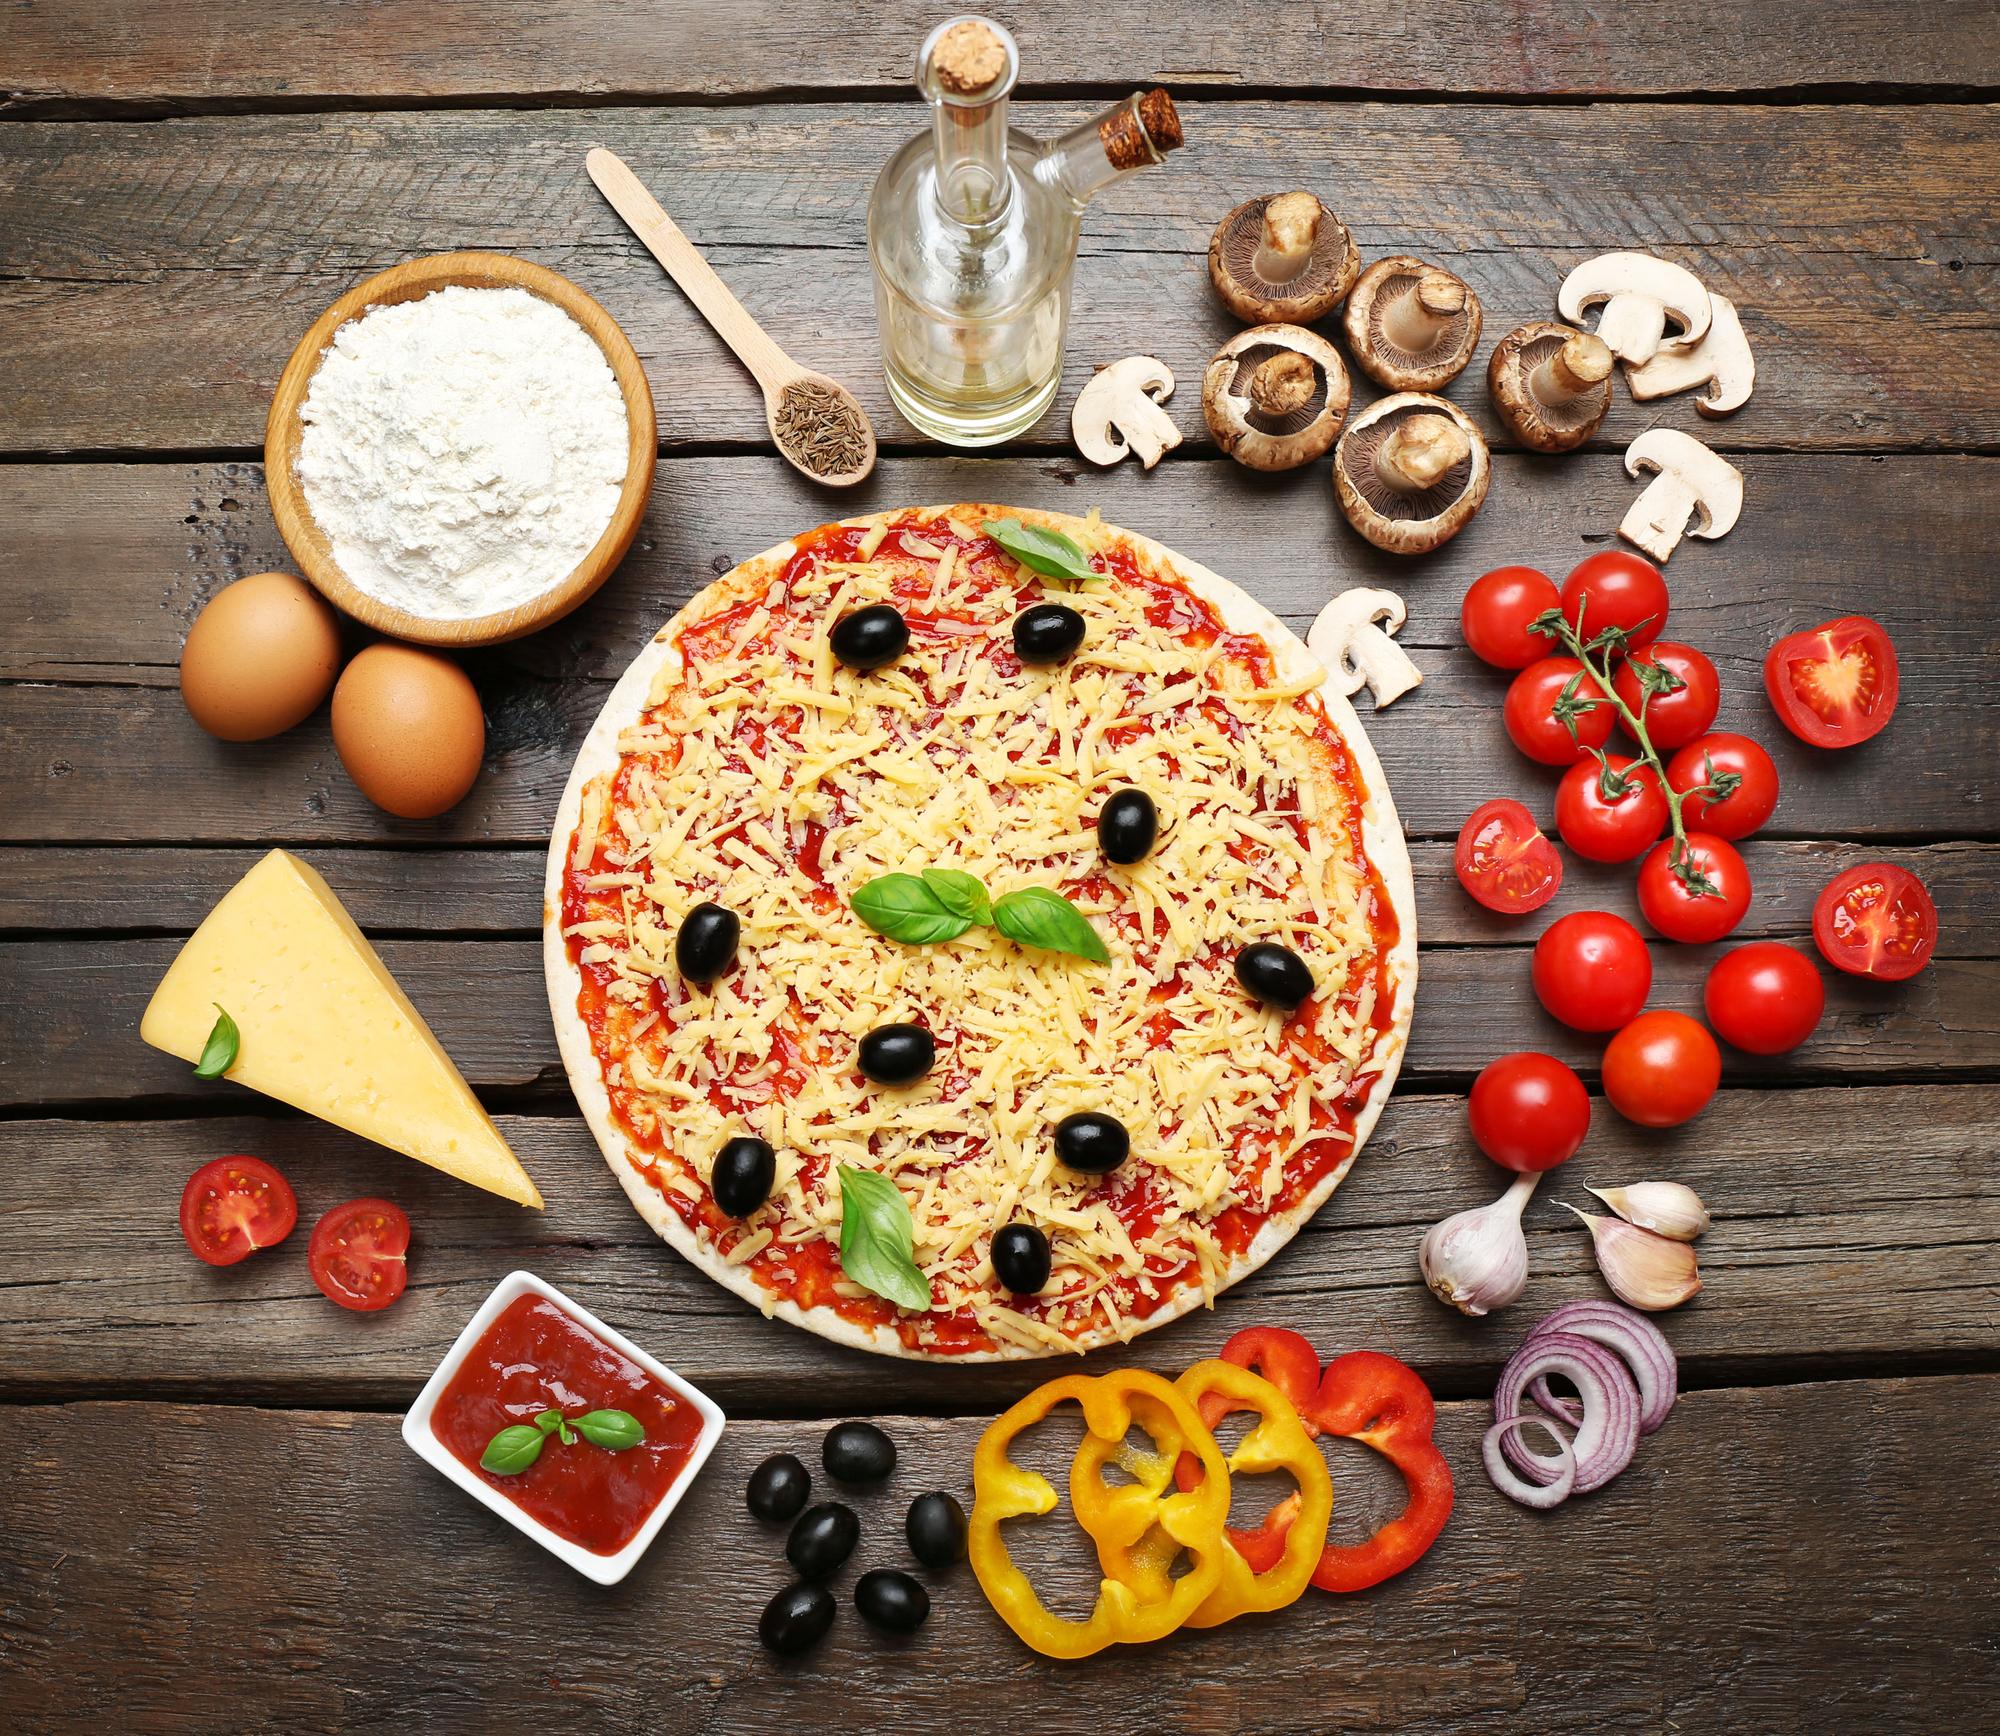 Polacy kochają pizzę! Poznaj najciekawsze fakty na temat pizzy!